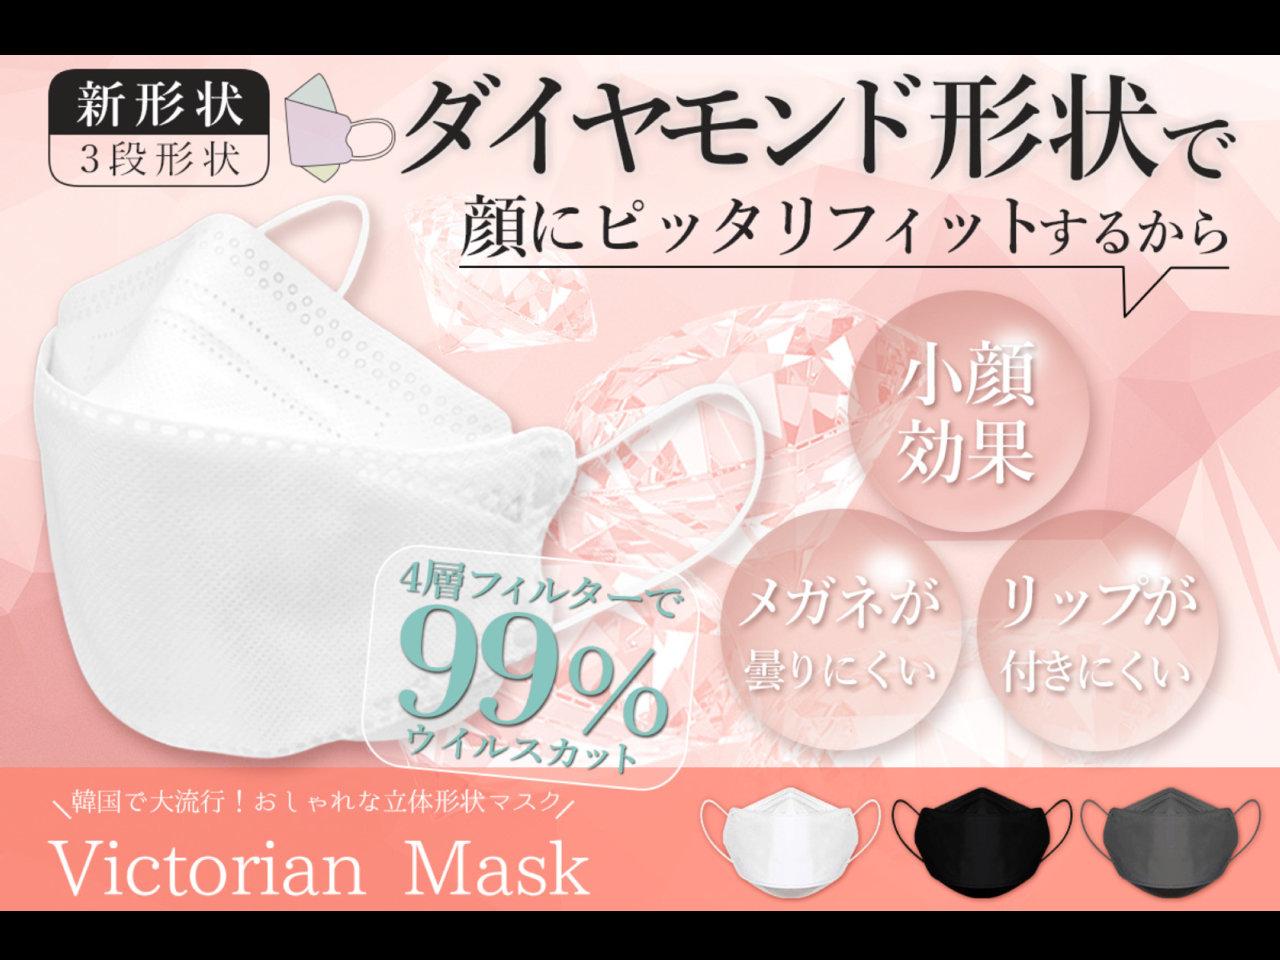 専門家も推奨!メディアでも話題の進化した不織布の新形状マスク『Victorian